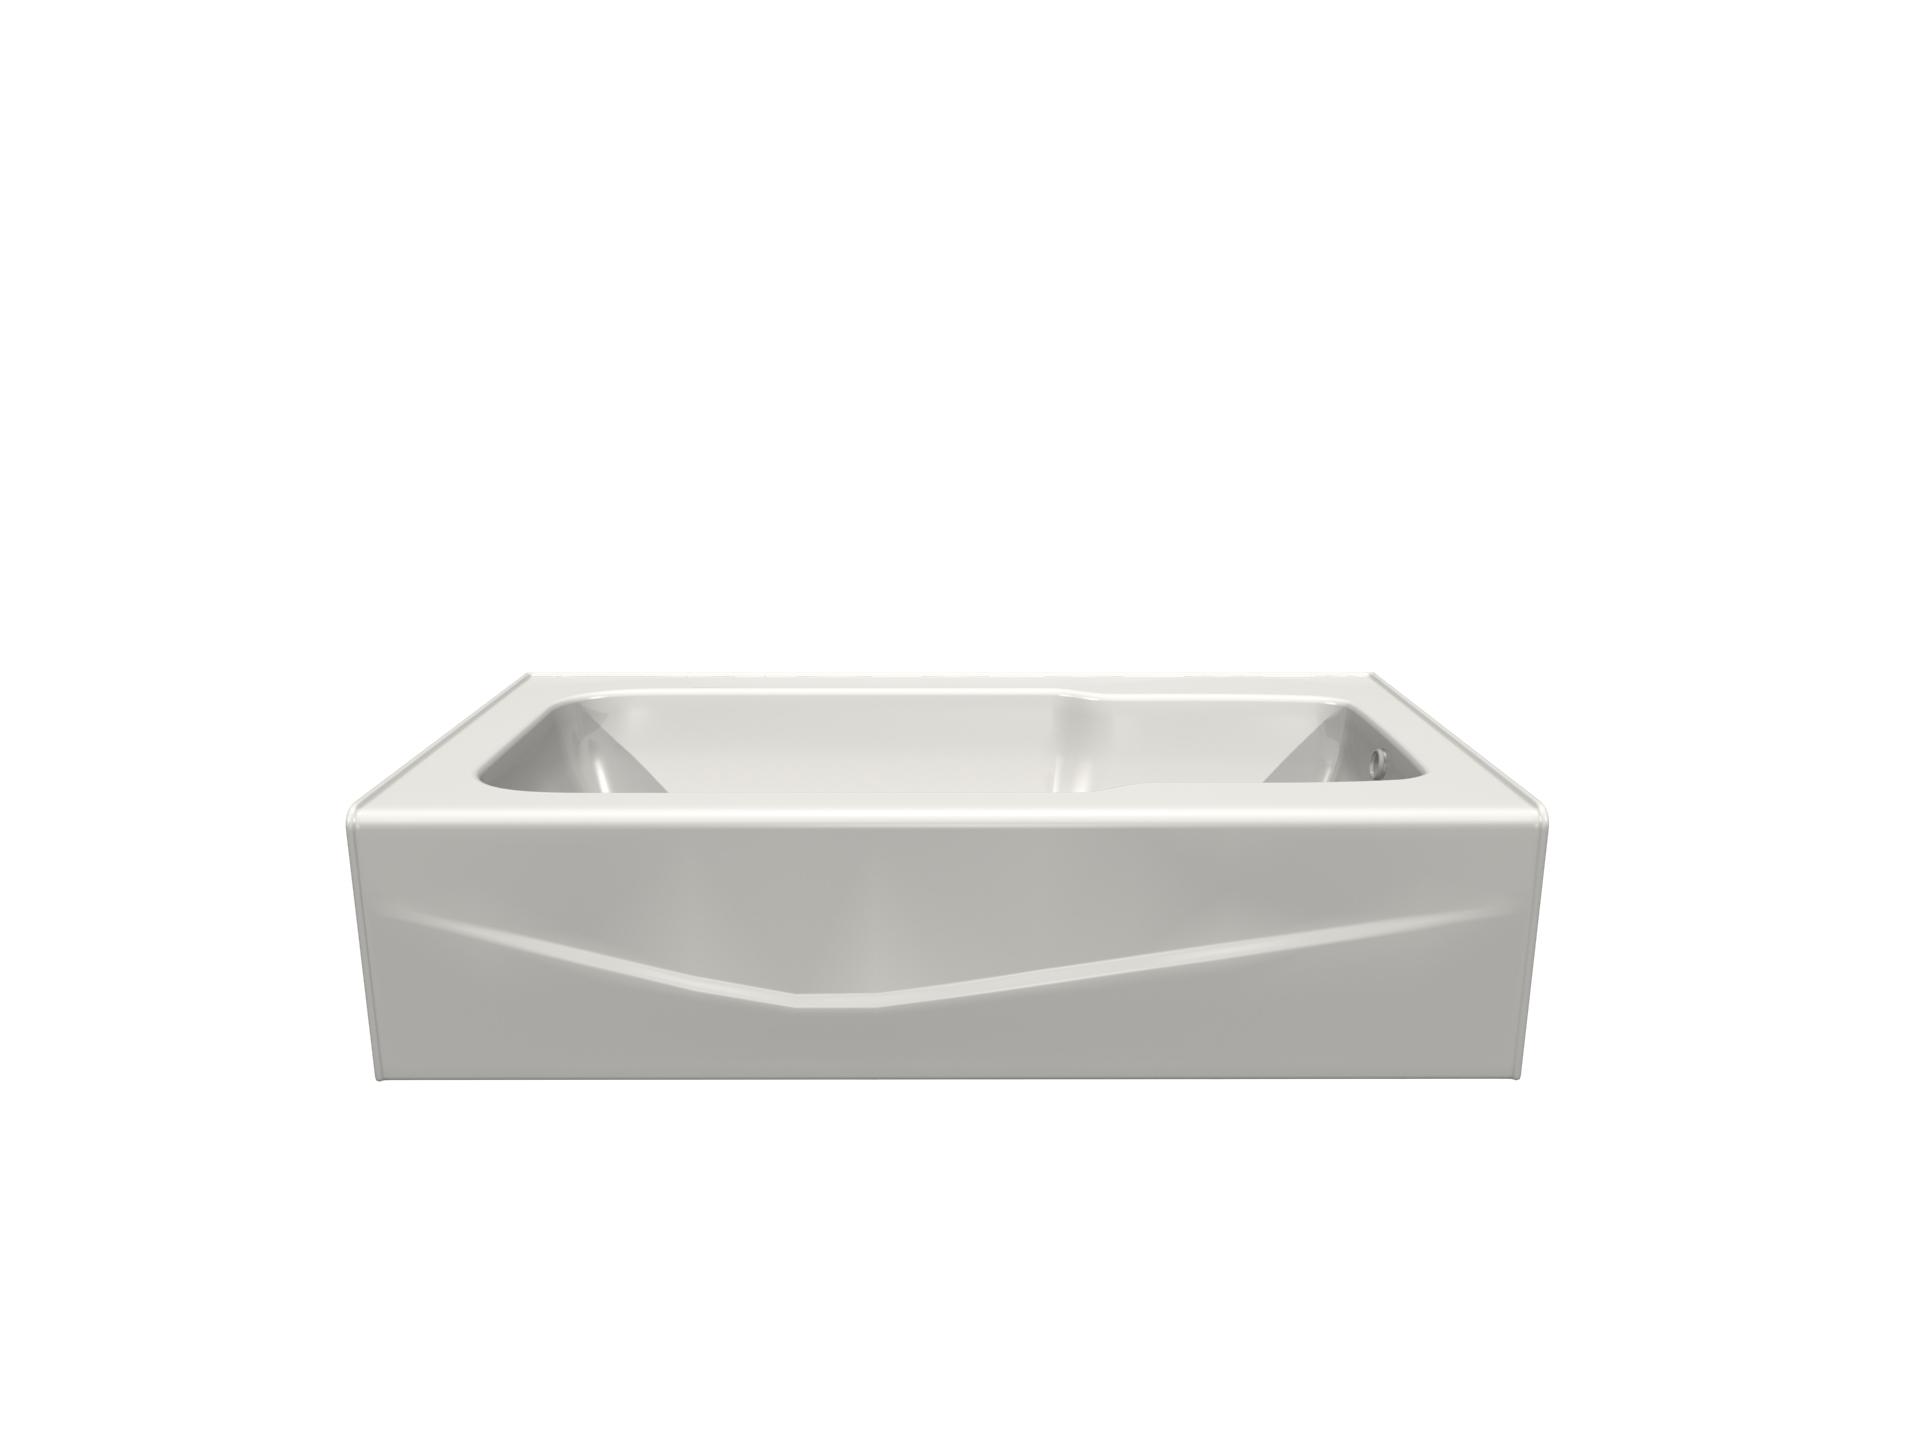 3d bathroom model bathtub 001 3d model download free 3d for 3d bathroom models